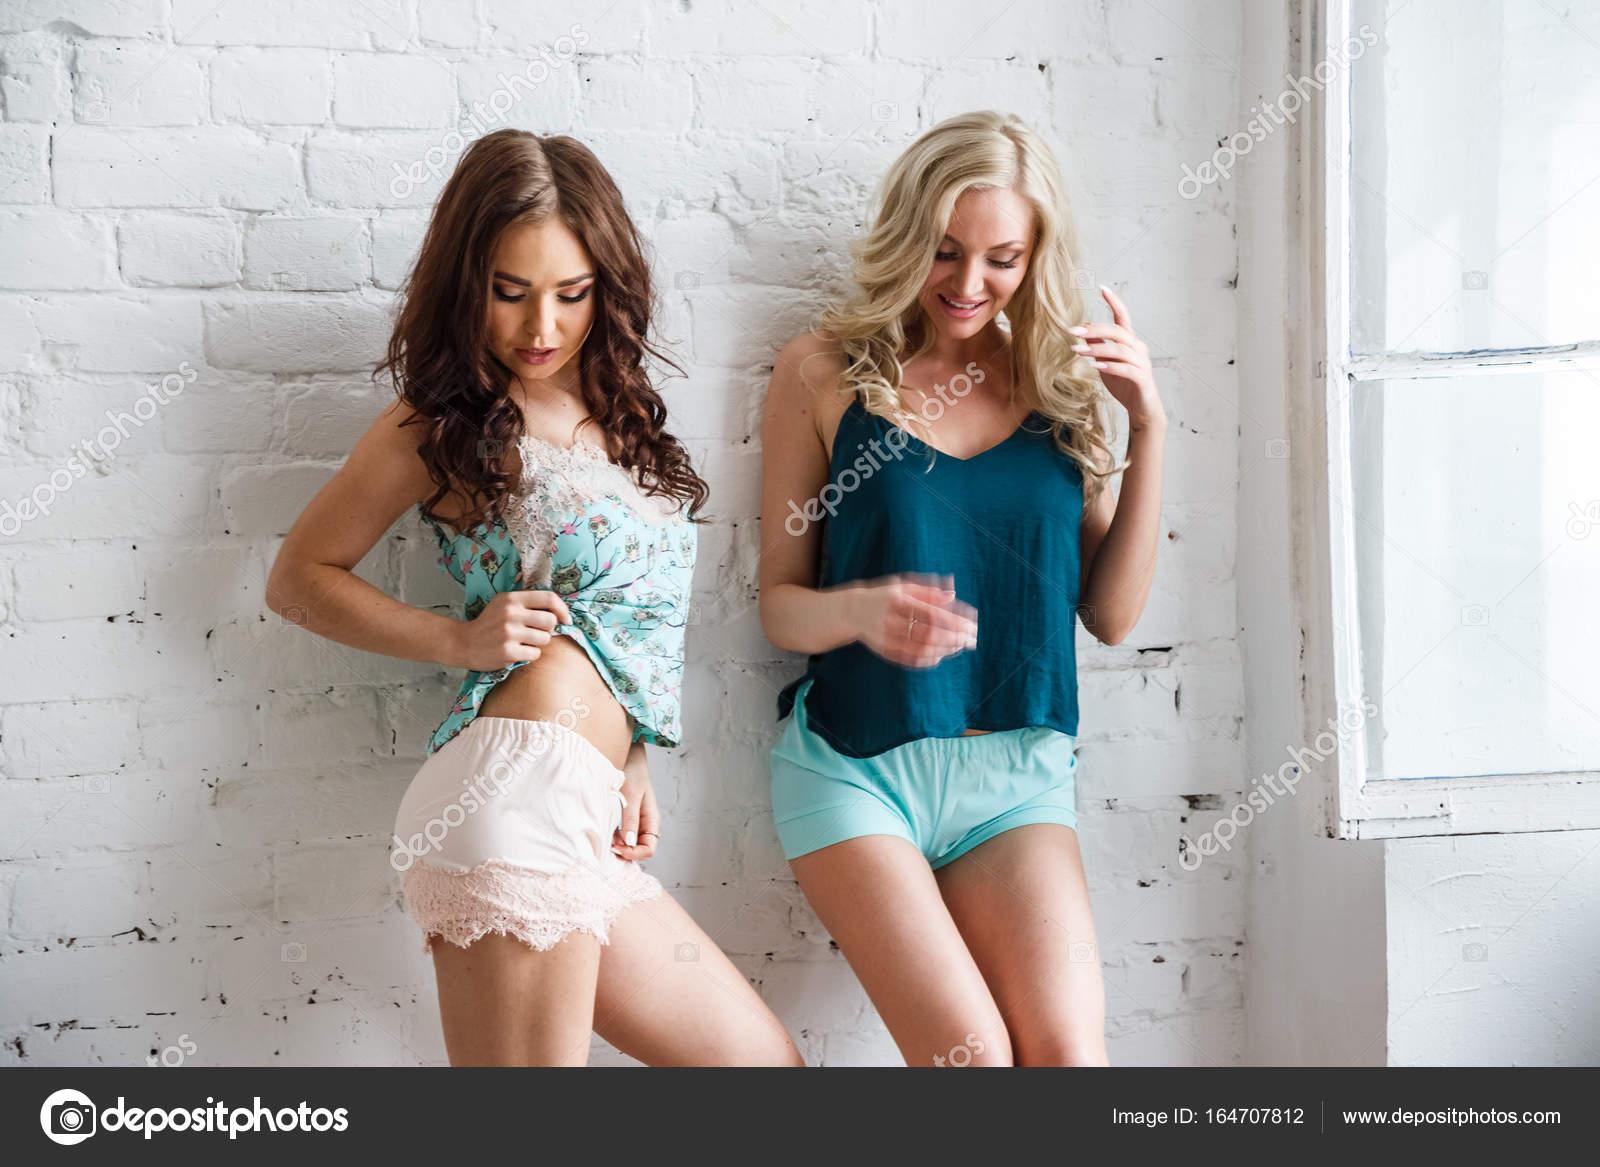 Models in shorts pics